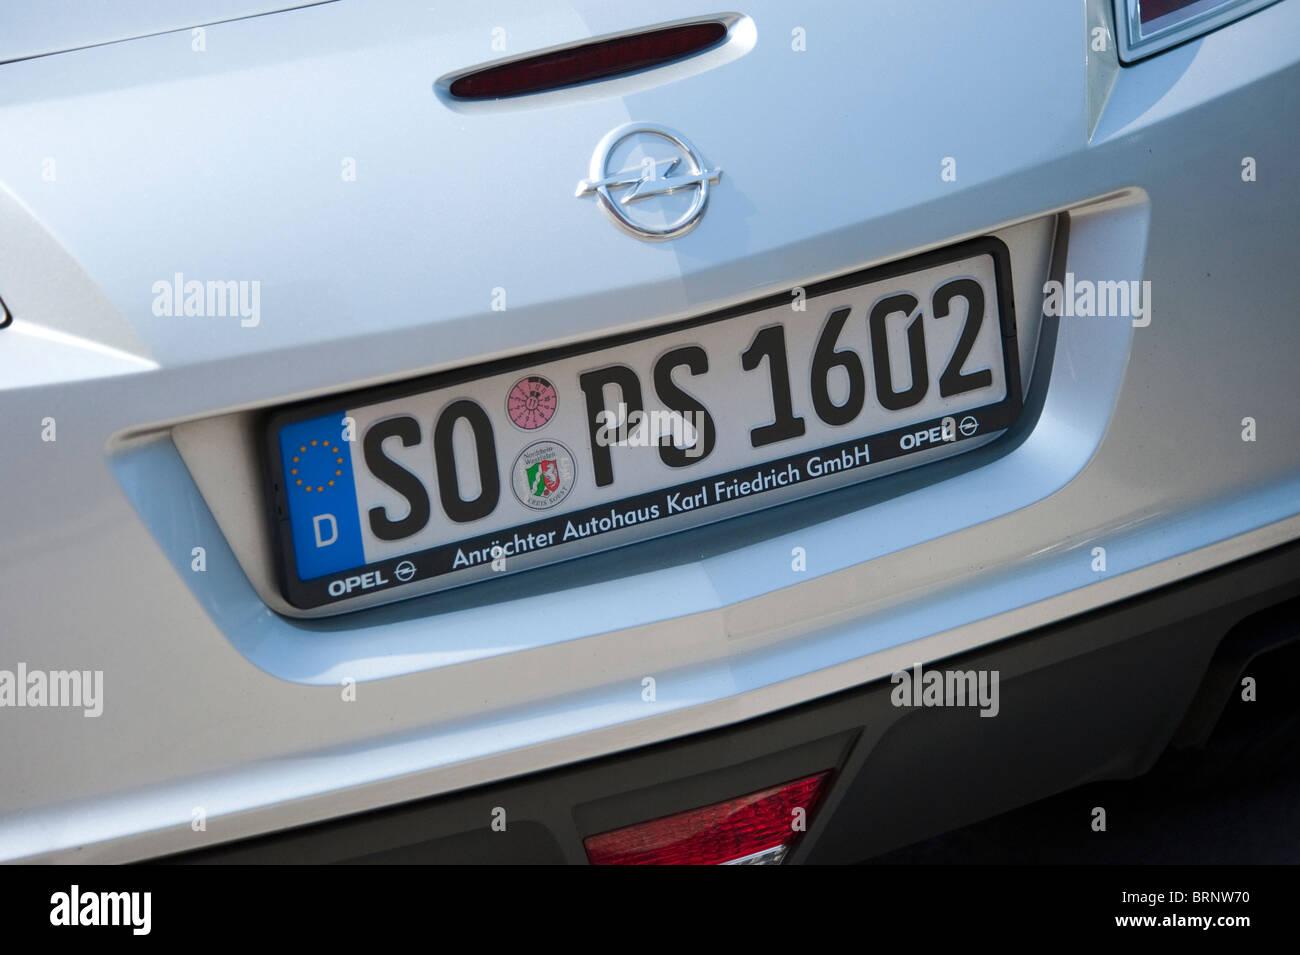 Placa de matrícula alemana Opel Car Foto de stock